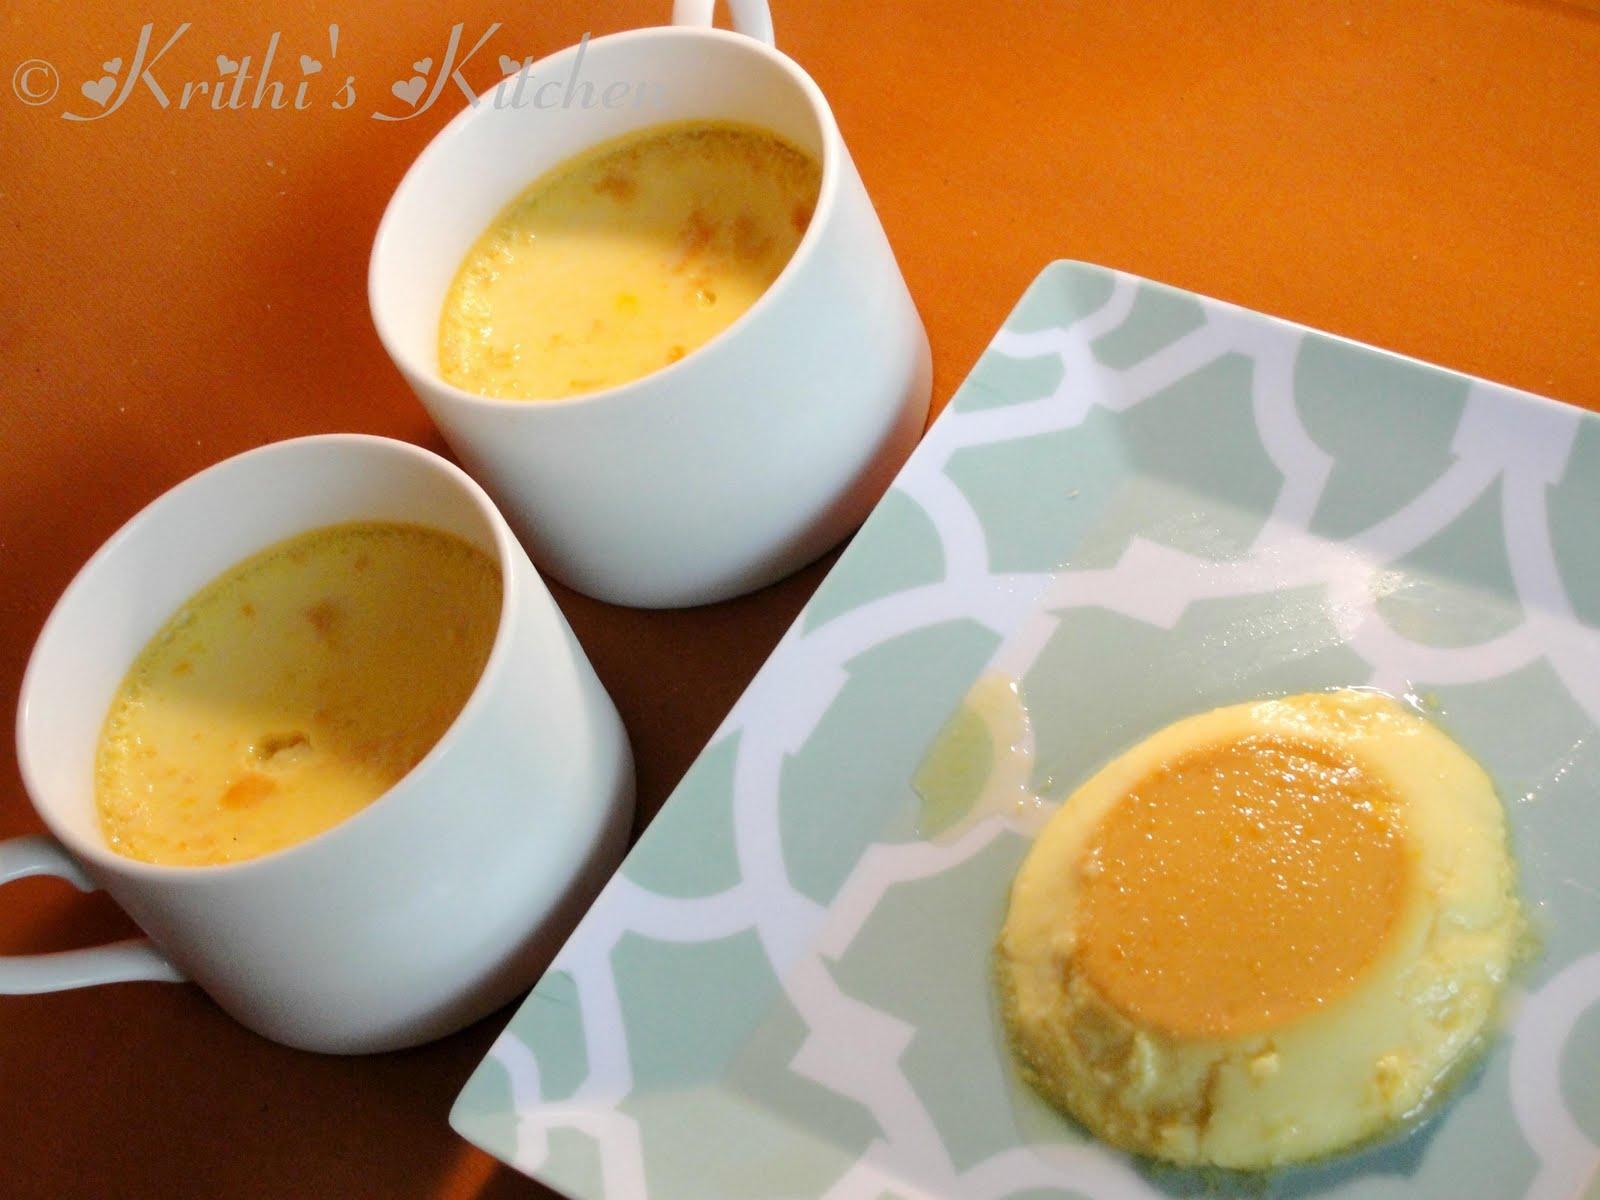 Krithi's Kitchen: Orange Flan / Orange Crème caramel